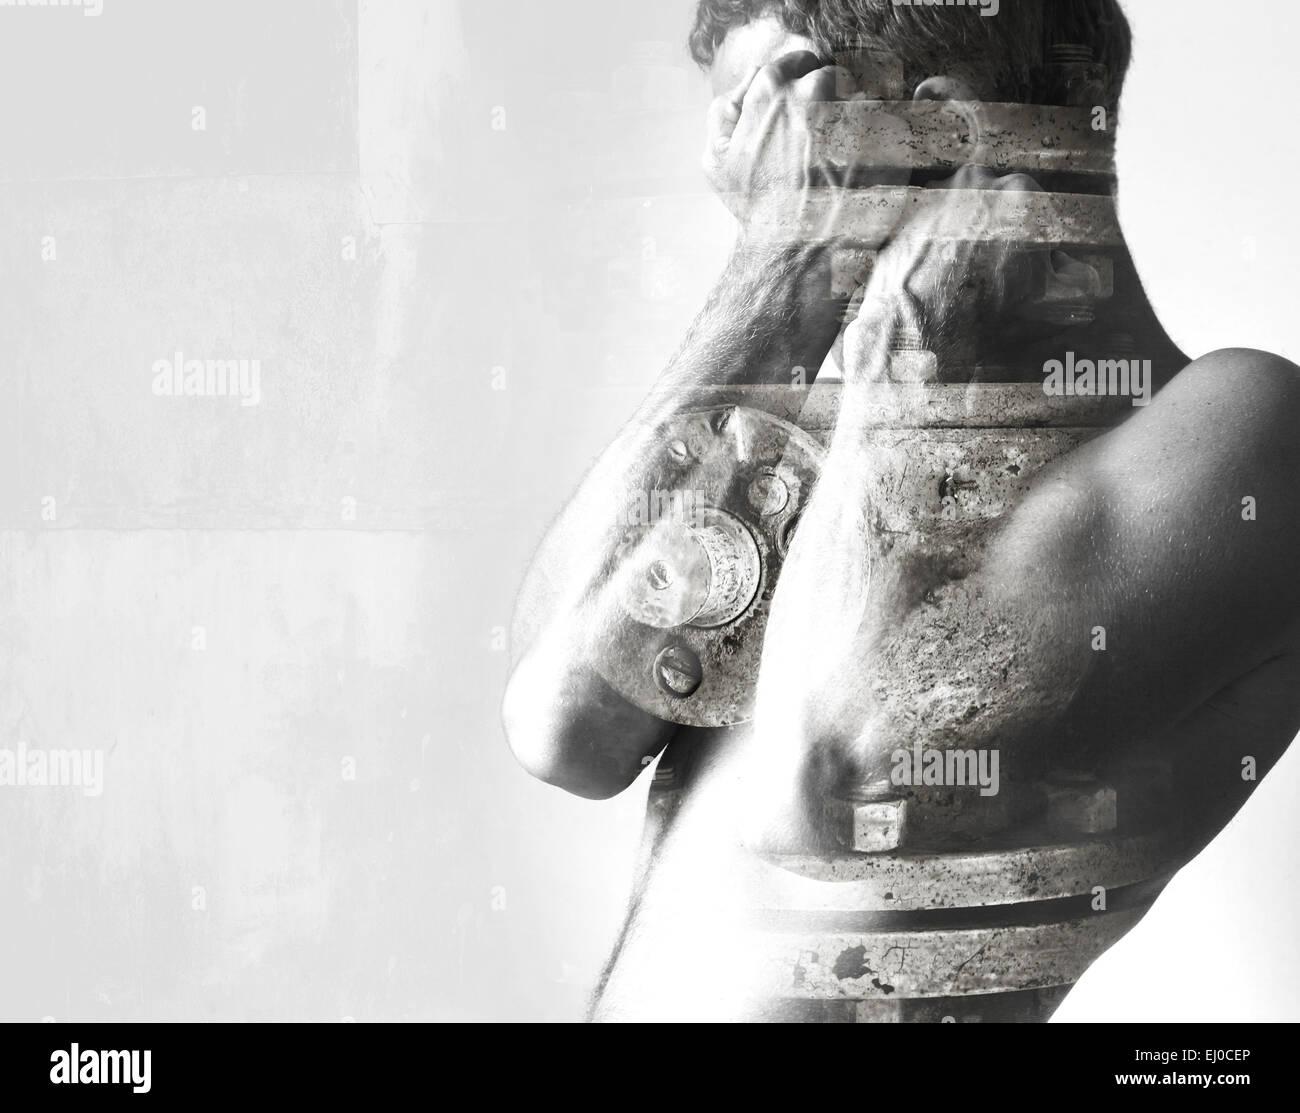 Double exposition conceptuel abstrait collage photo, l'homme se cache derrière son blocage mains fortes et de l'industrie Banque D'Images